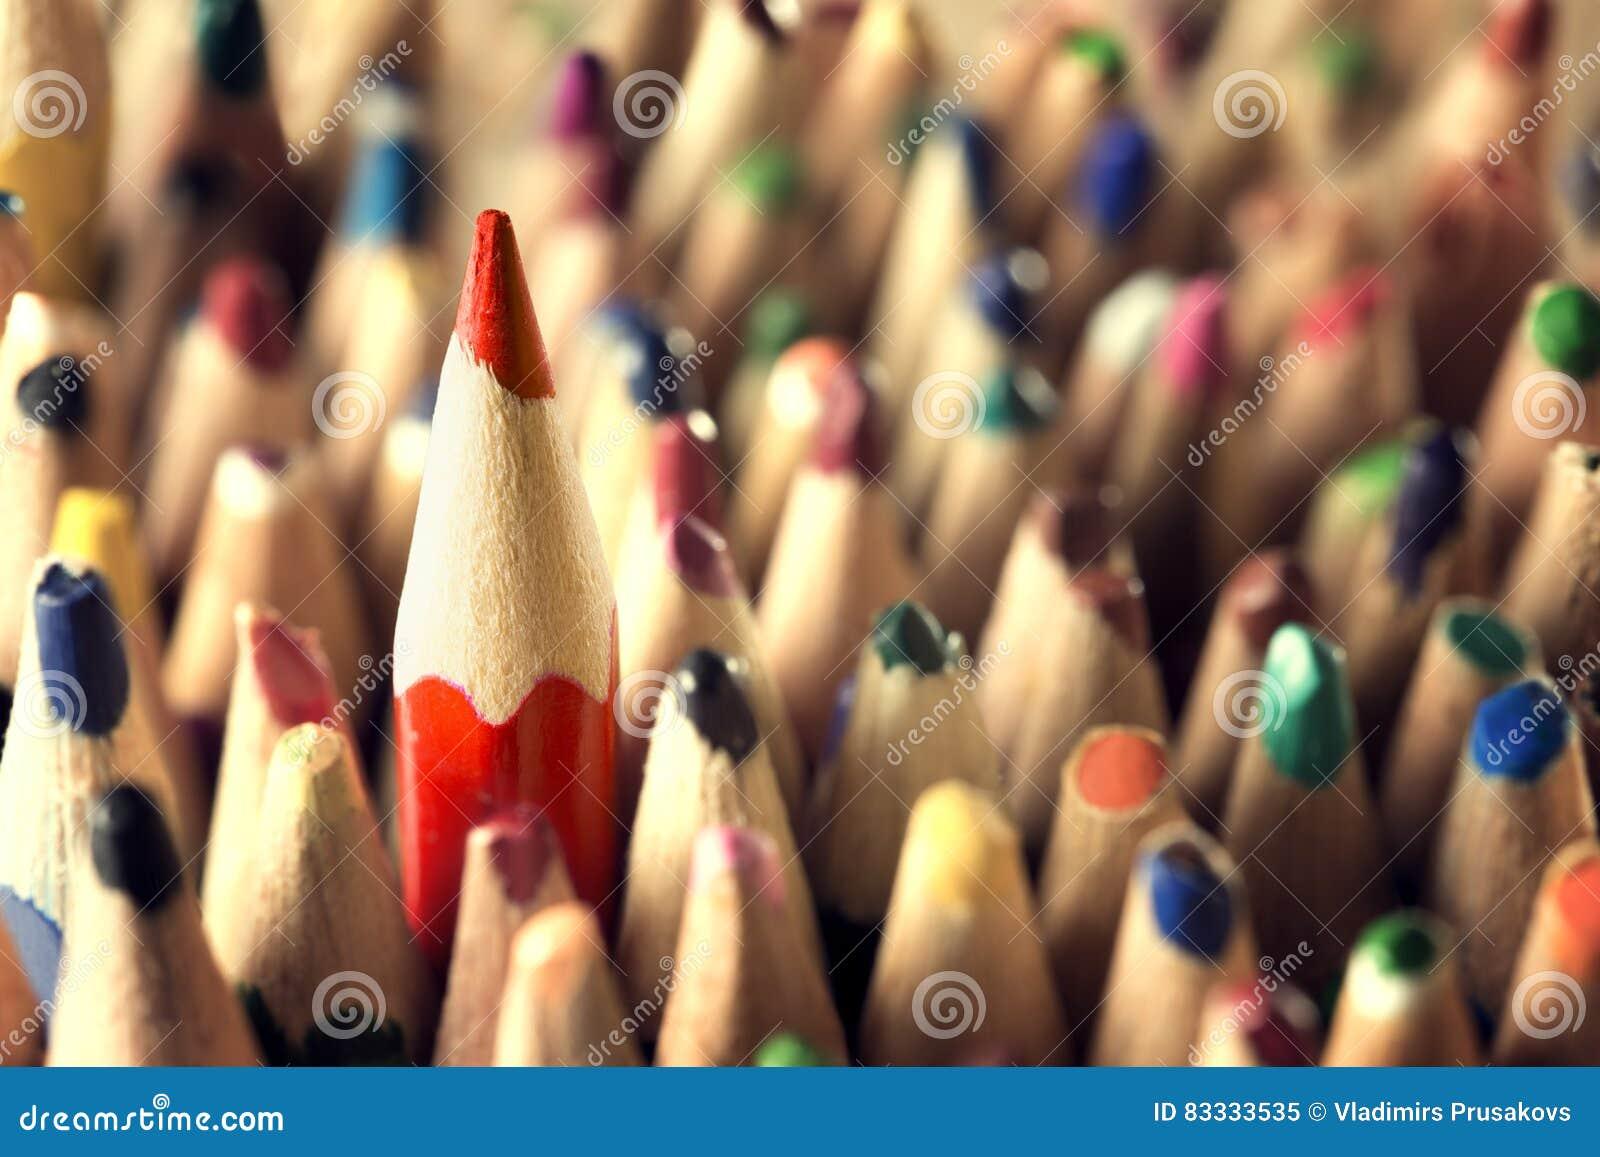 Capo Concept della matita, tagliente nella folla usata delle matite, nuova idea